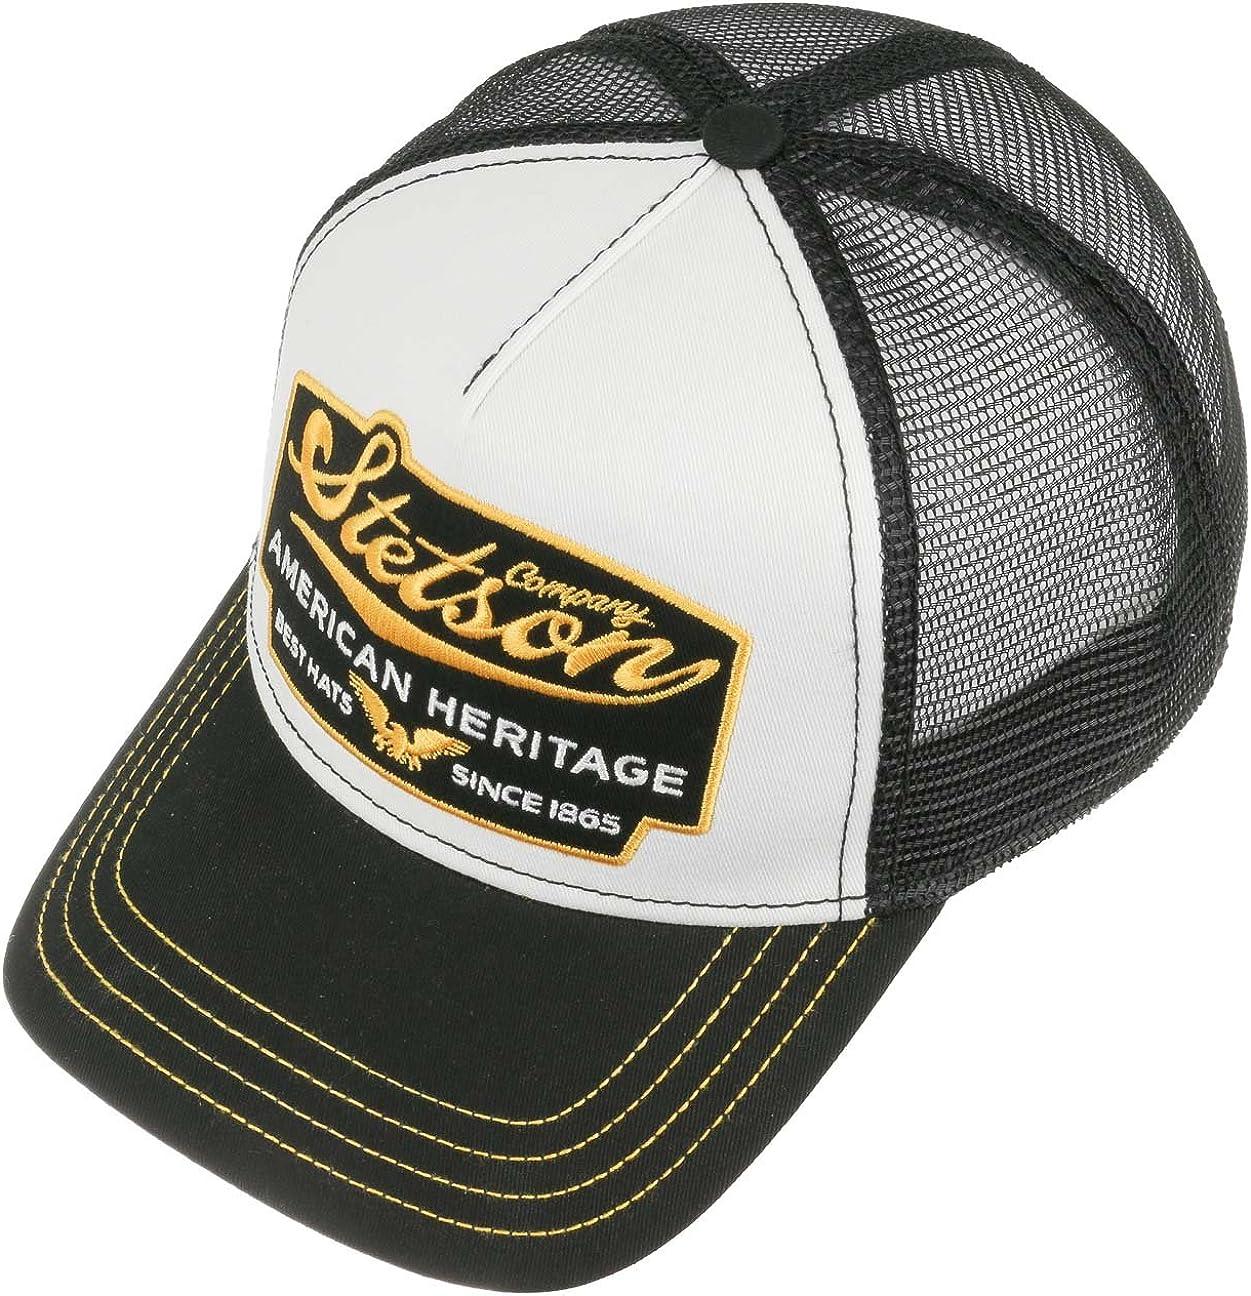 Stetson Trucker Mesh Cap Net Baseball Cap Snapback Summer Hat 7751103 New